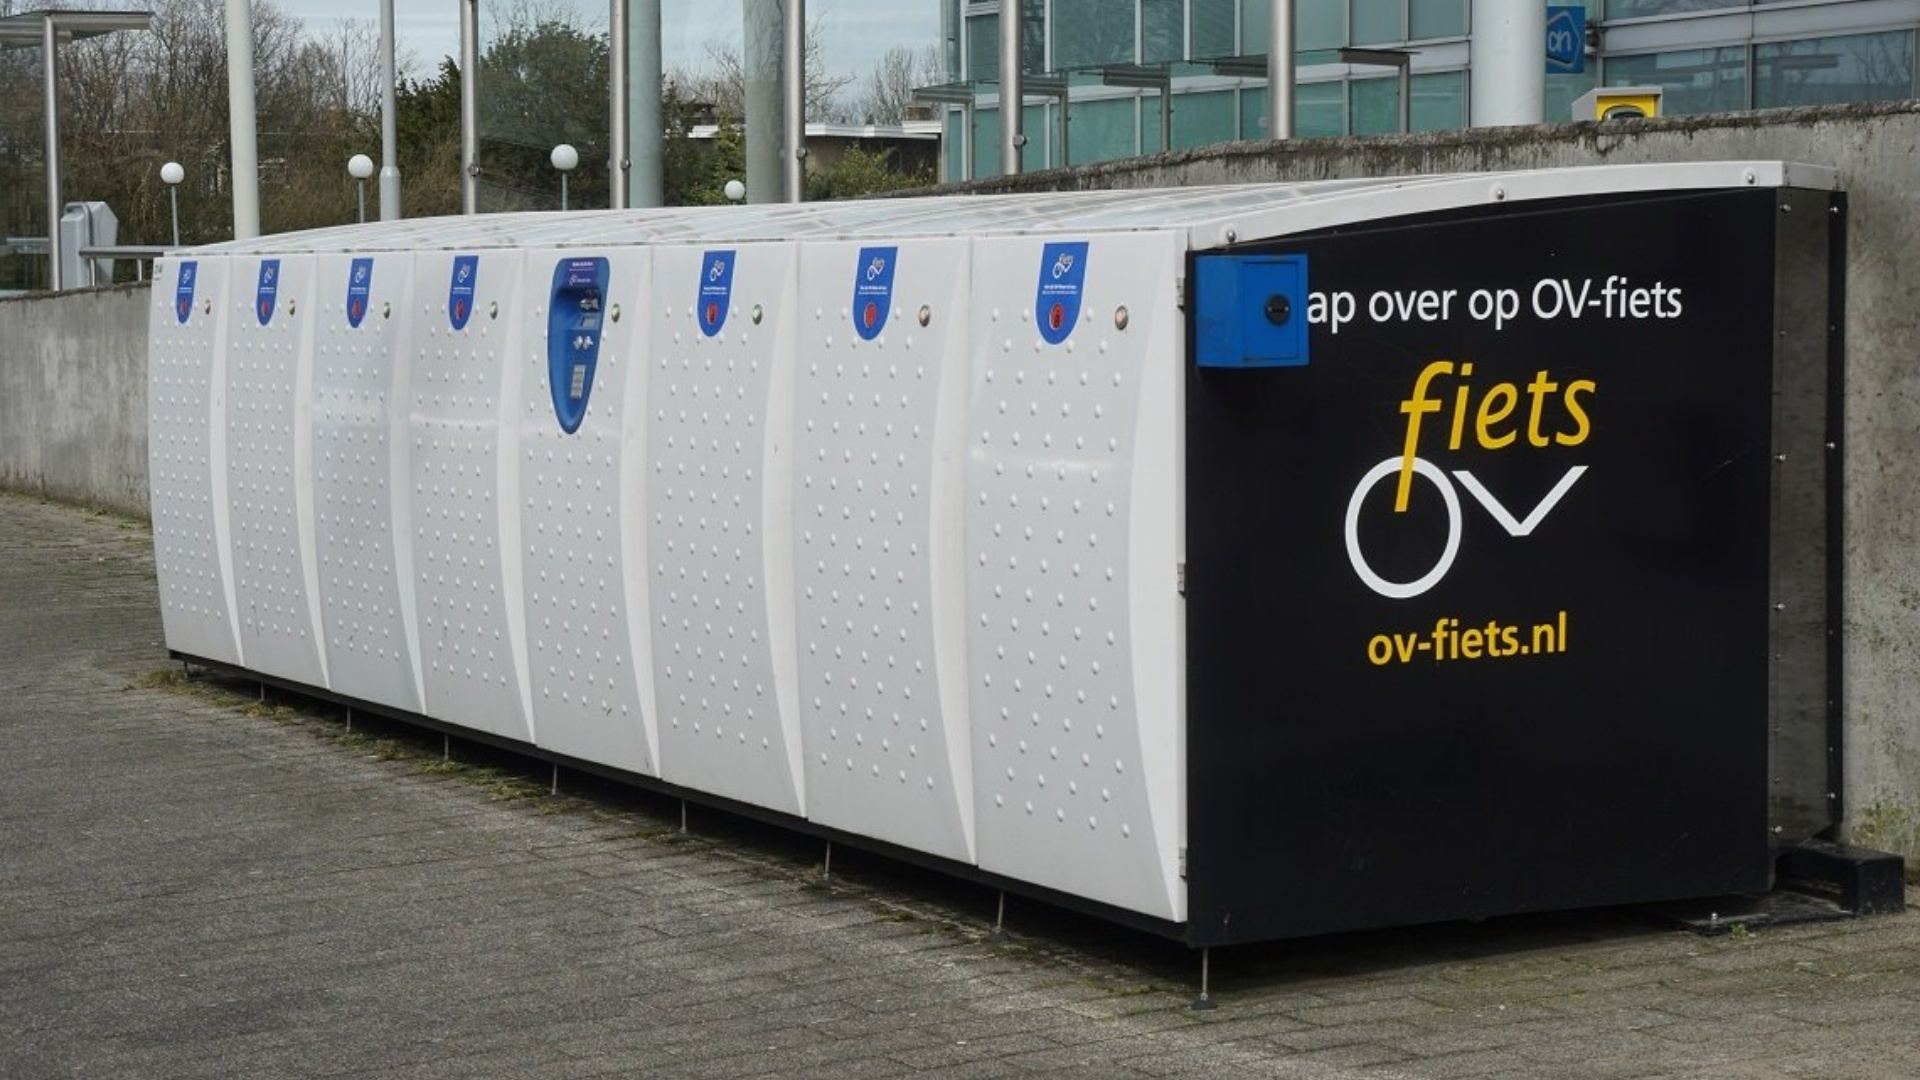 OV-fietsen tramhalte Binnenstad